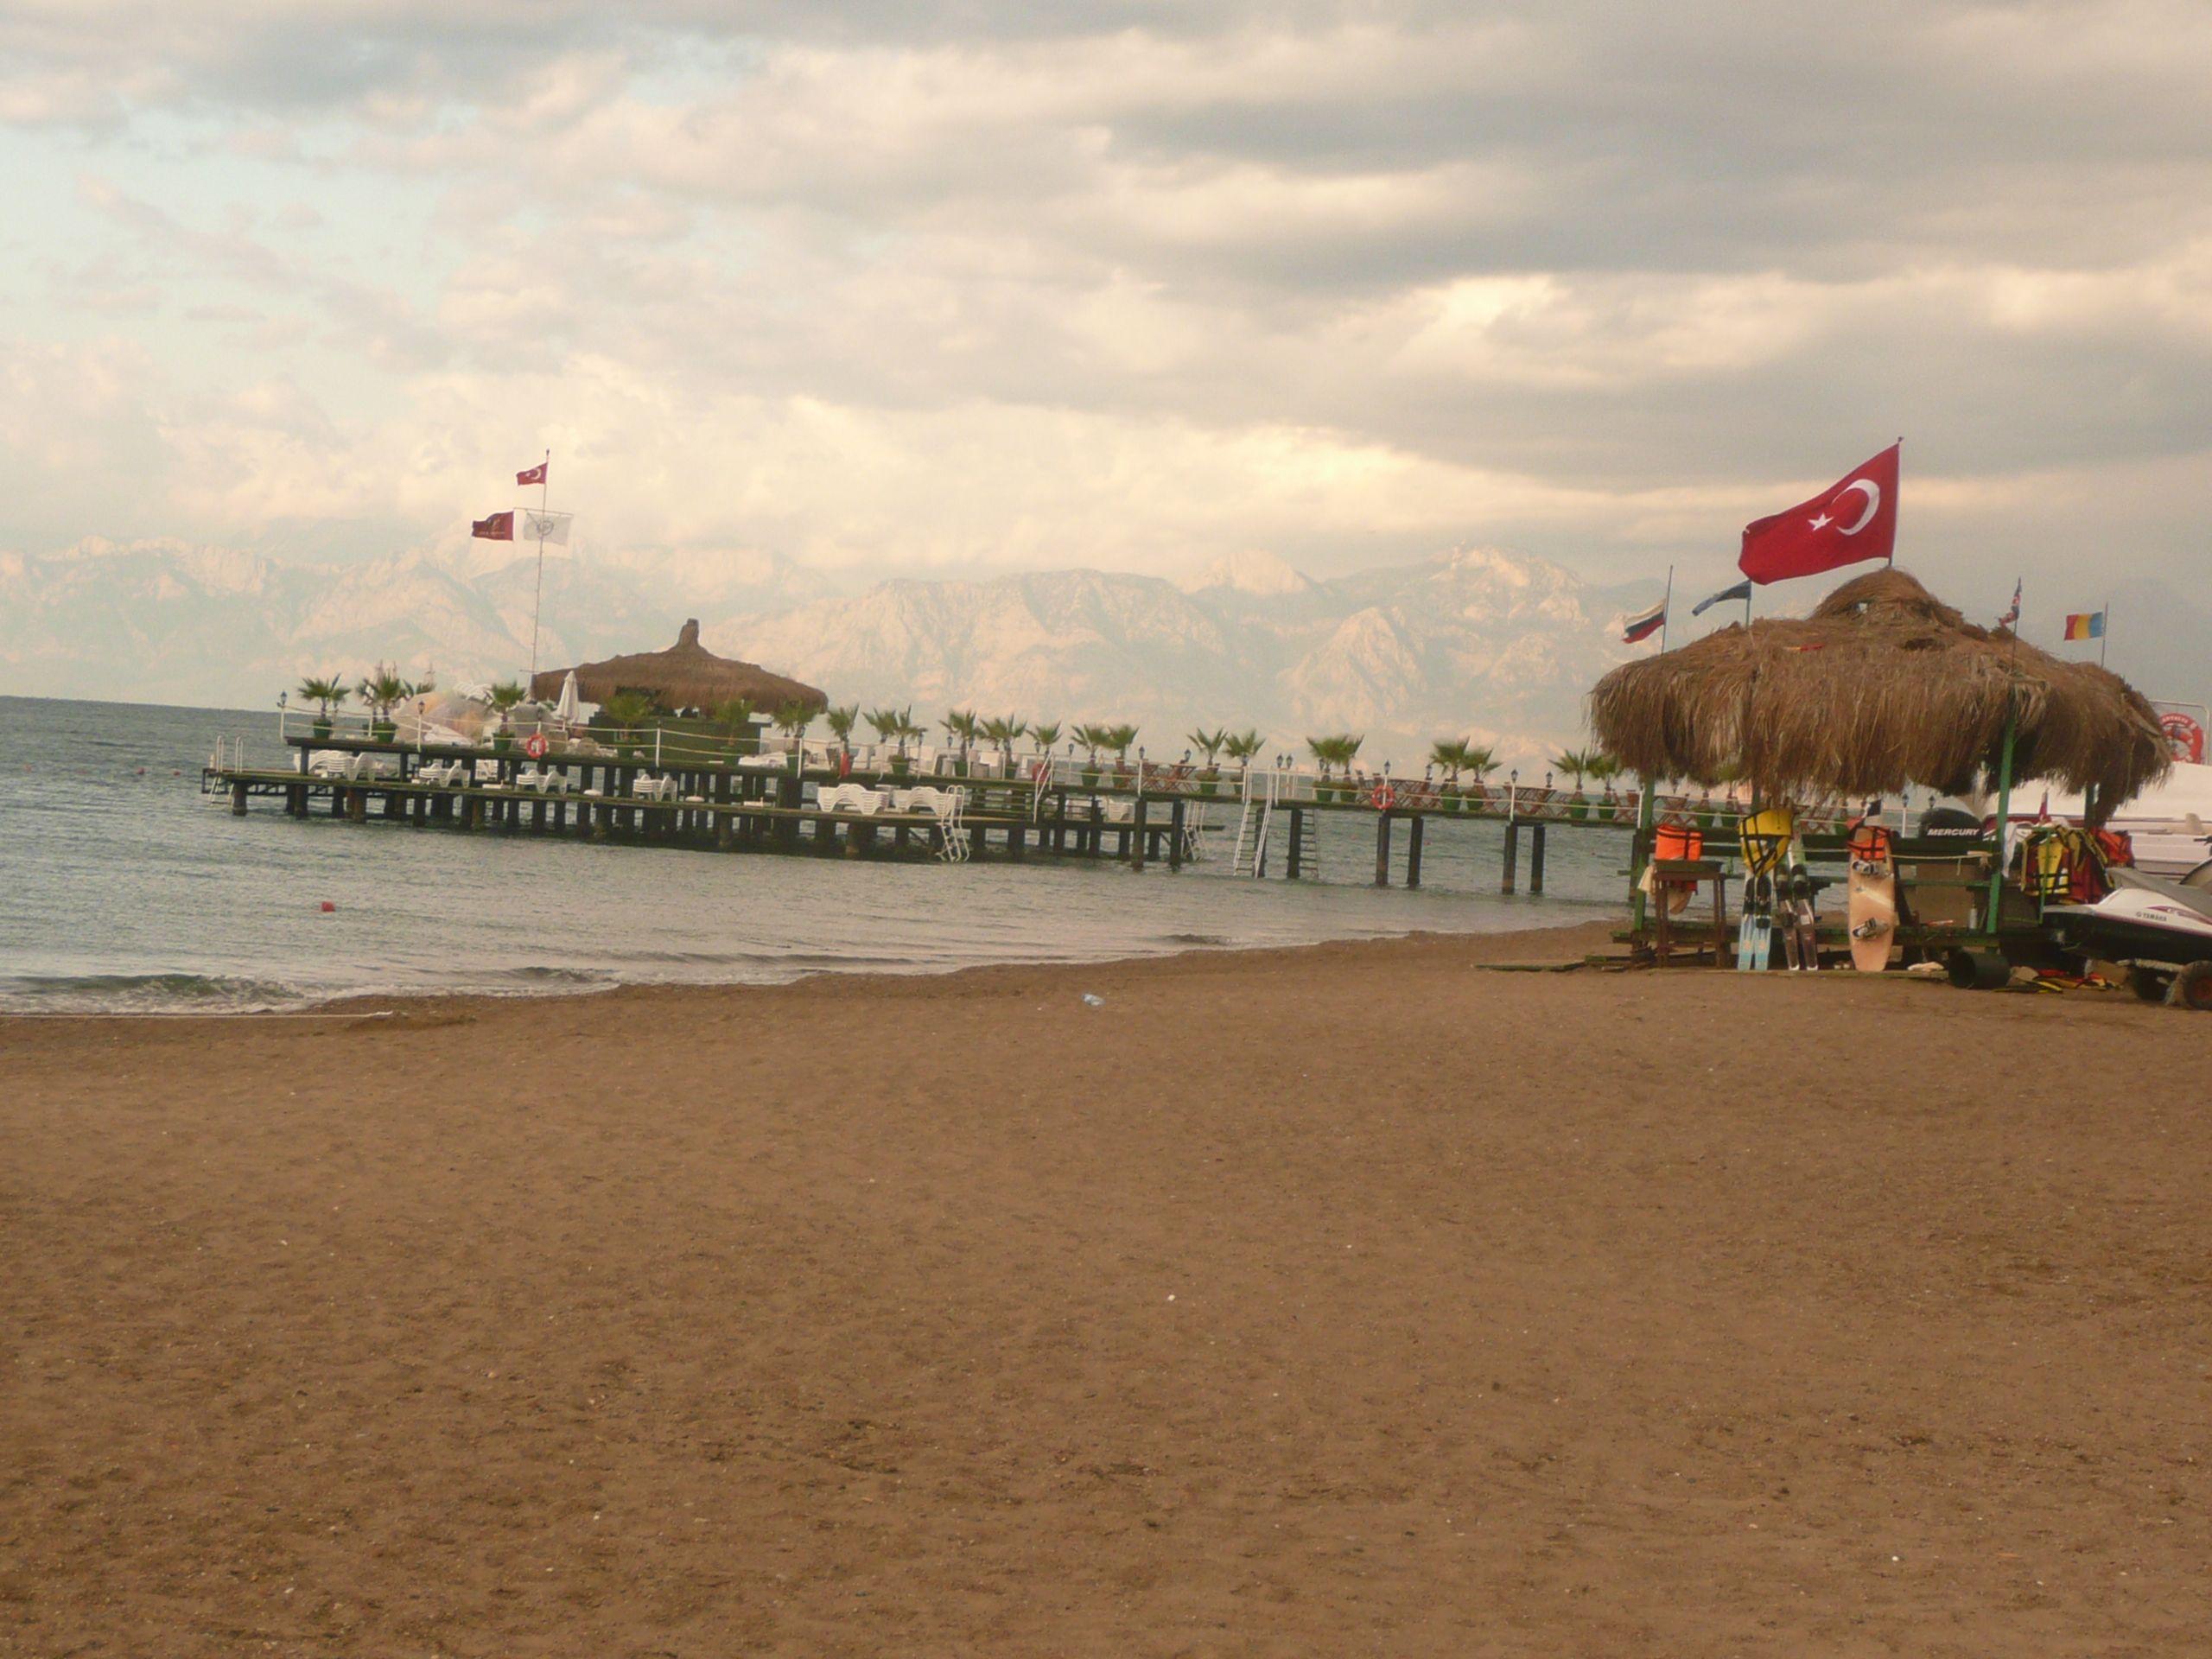 Morgens in der Türkei